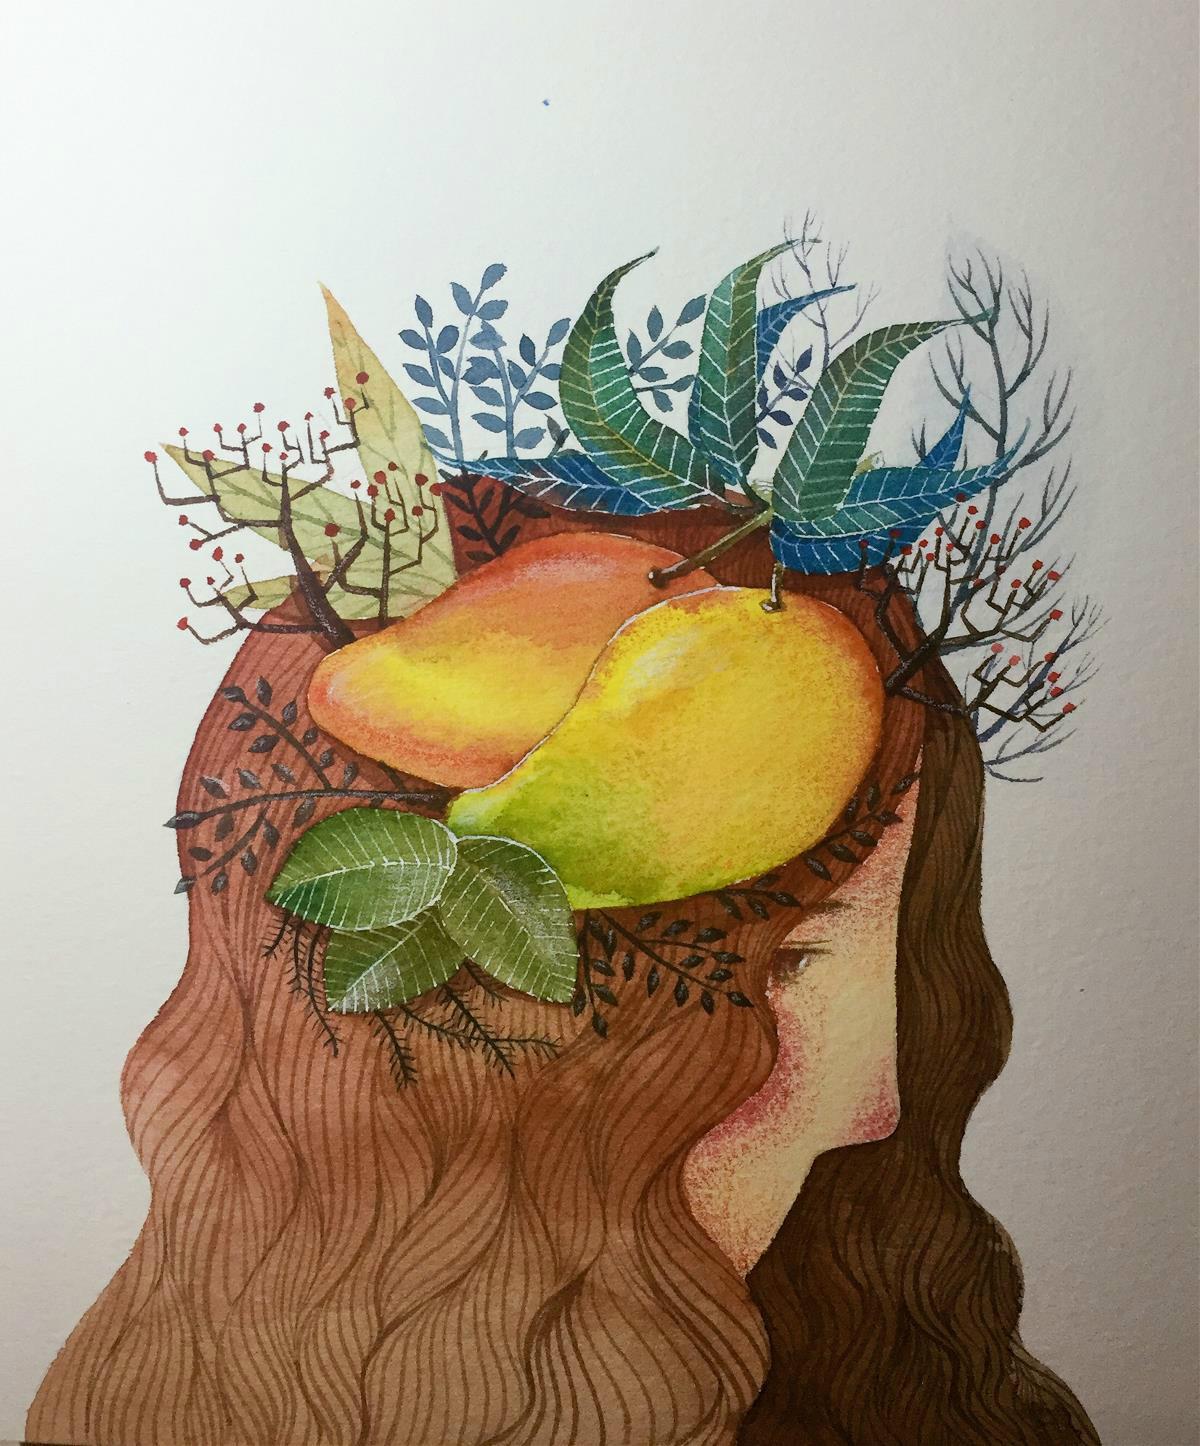 水果主题创意水彩手绘插画